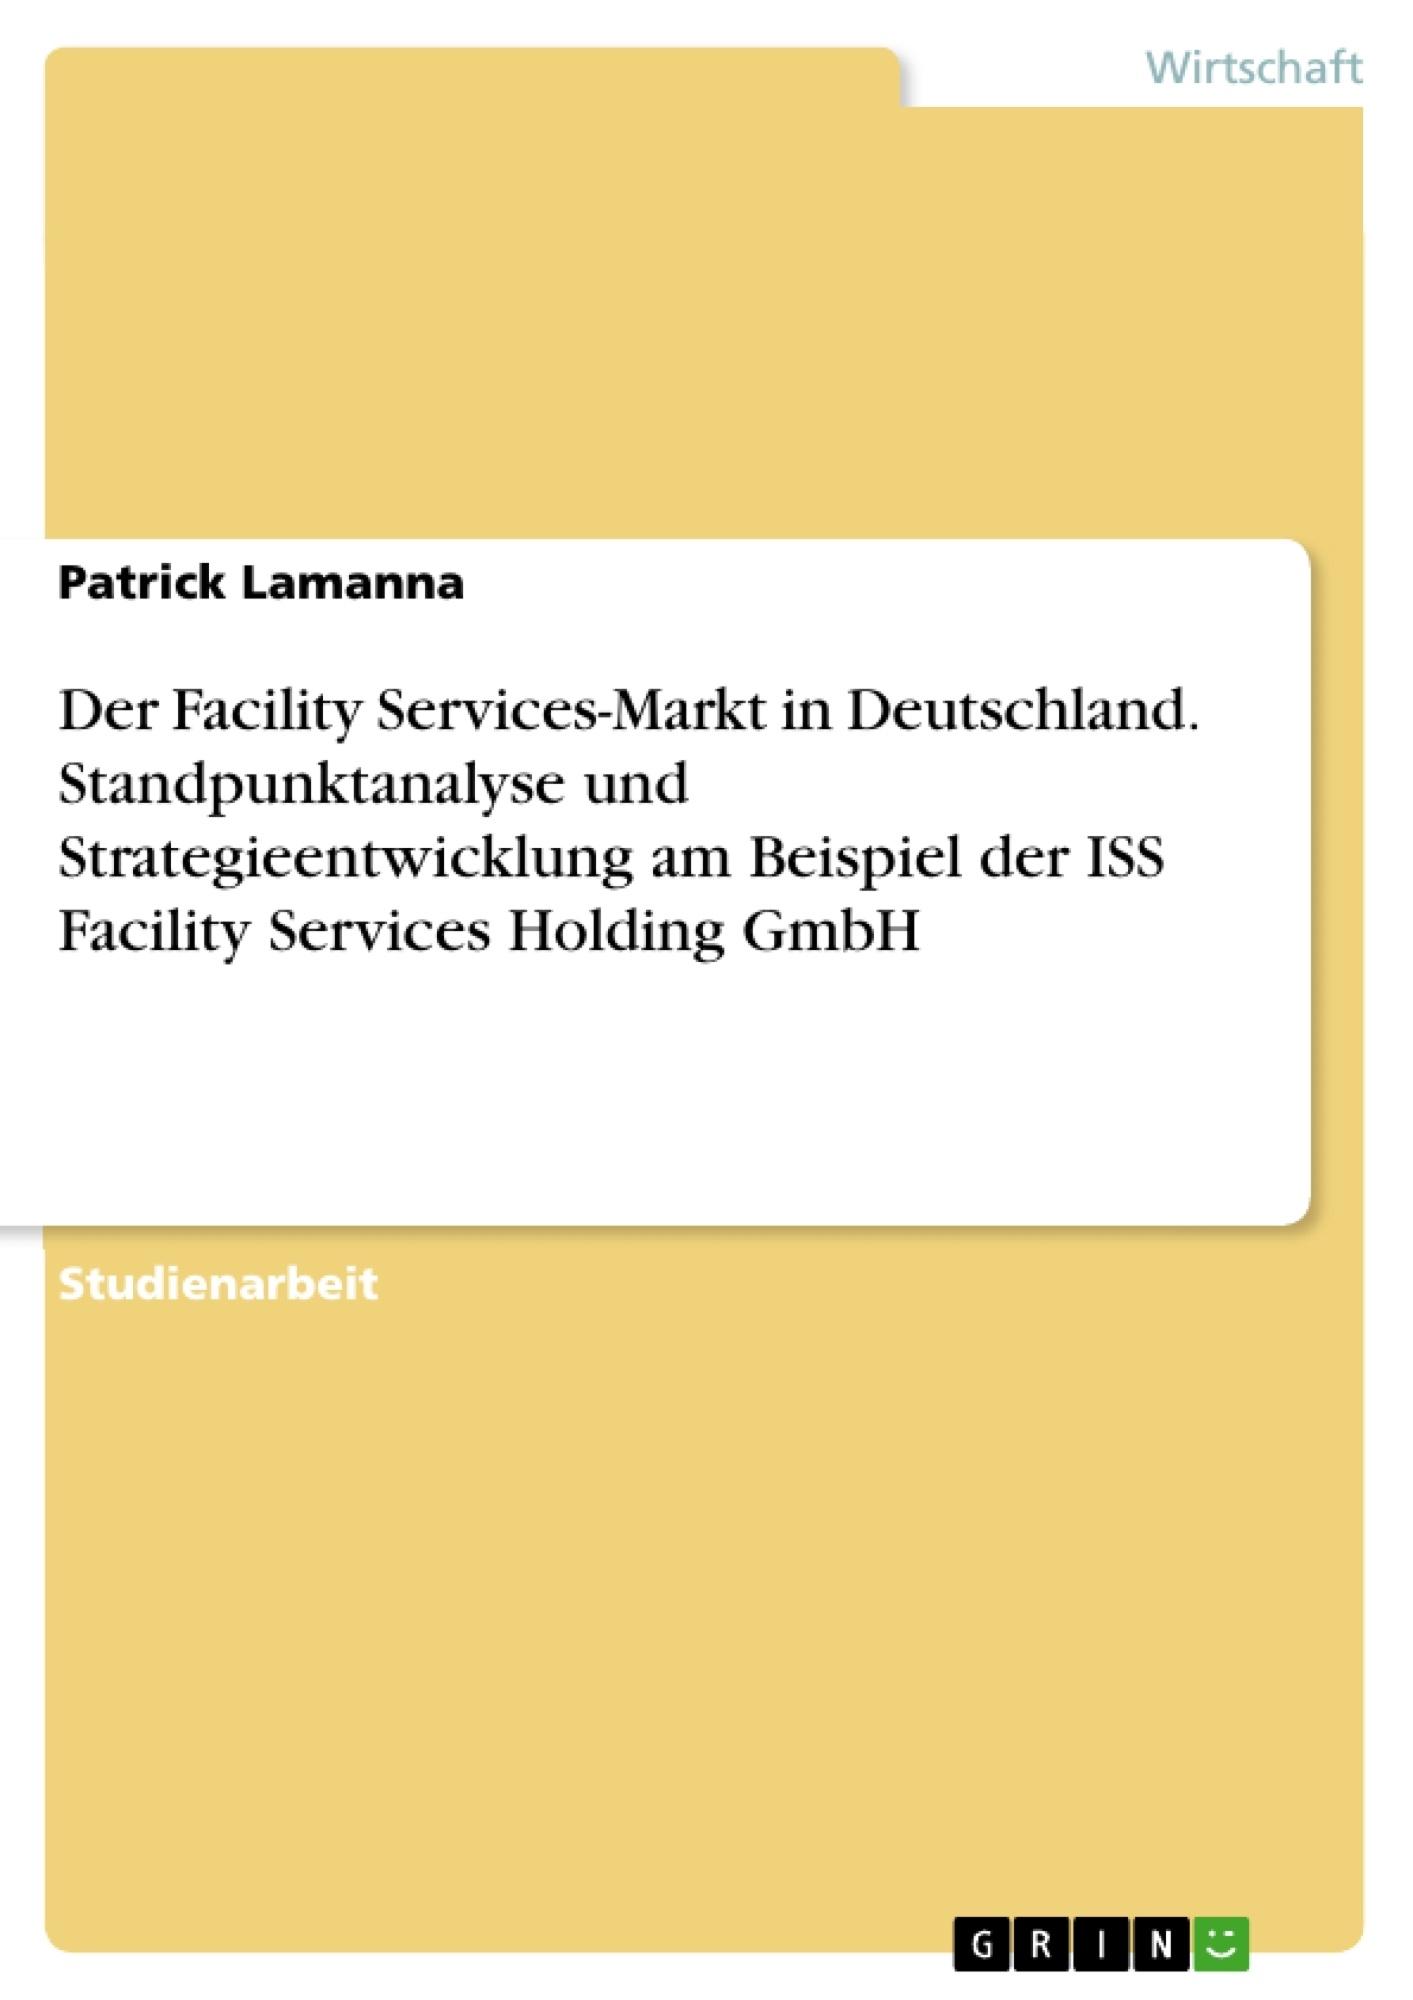 Titel: Der Facility Services-Markt in Deutschland. Standpunktanalyse und Strategieentwicklung am Beispiel der ISS Facility Services Holding GmbH